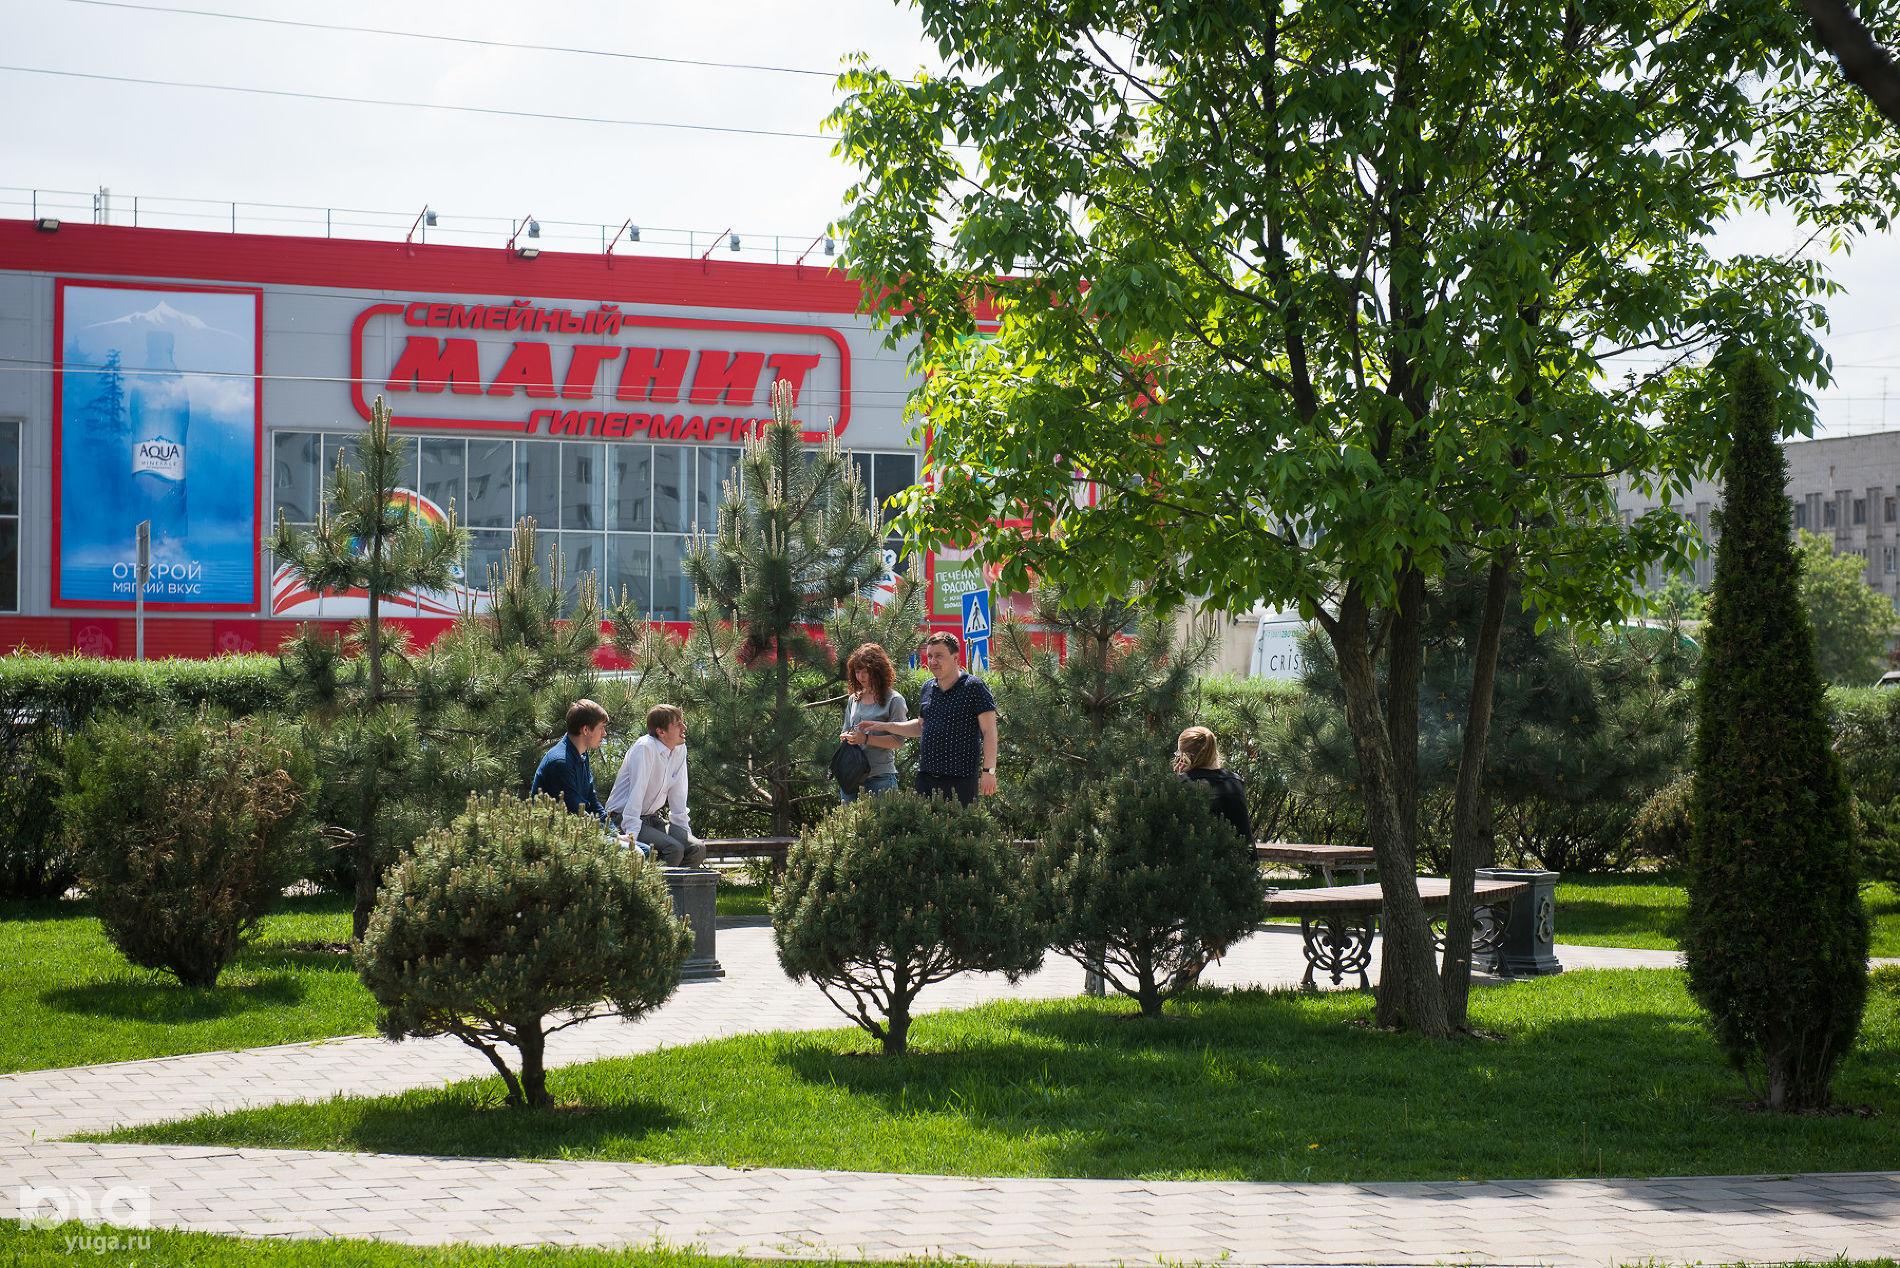 Головной офис компании «Магнит». Тандер-парк ©Фото Елены Синеок, Юга.ру